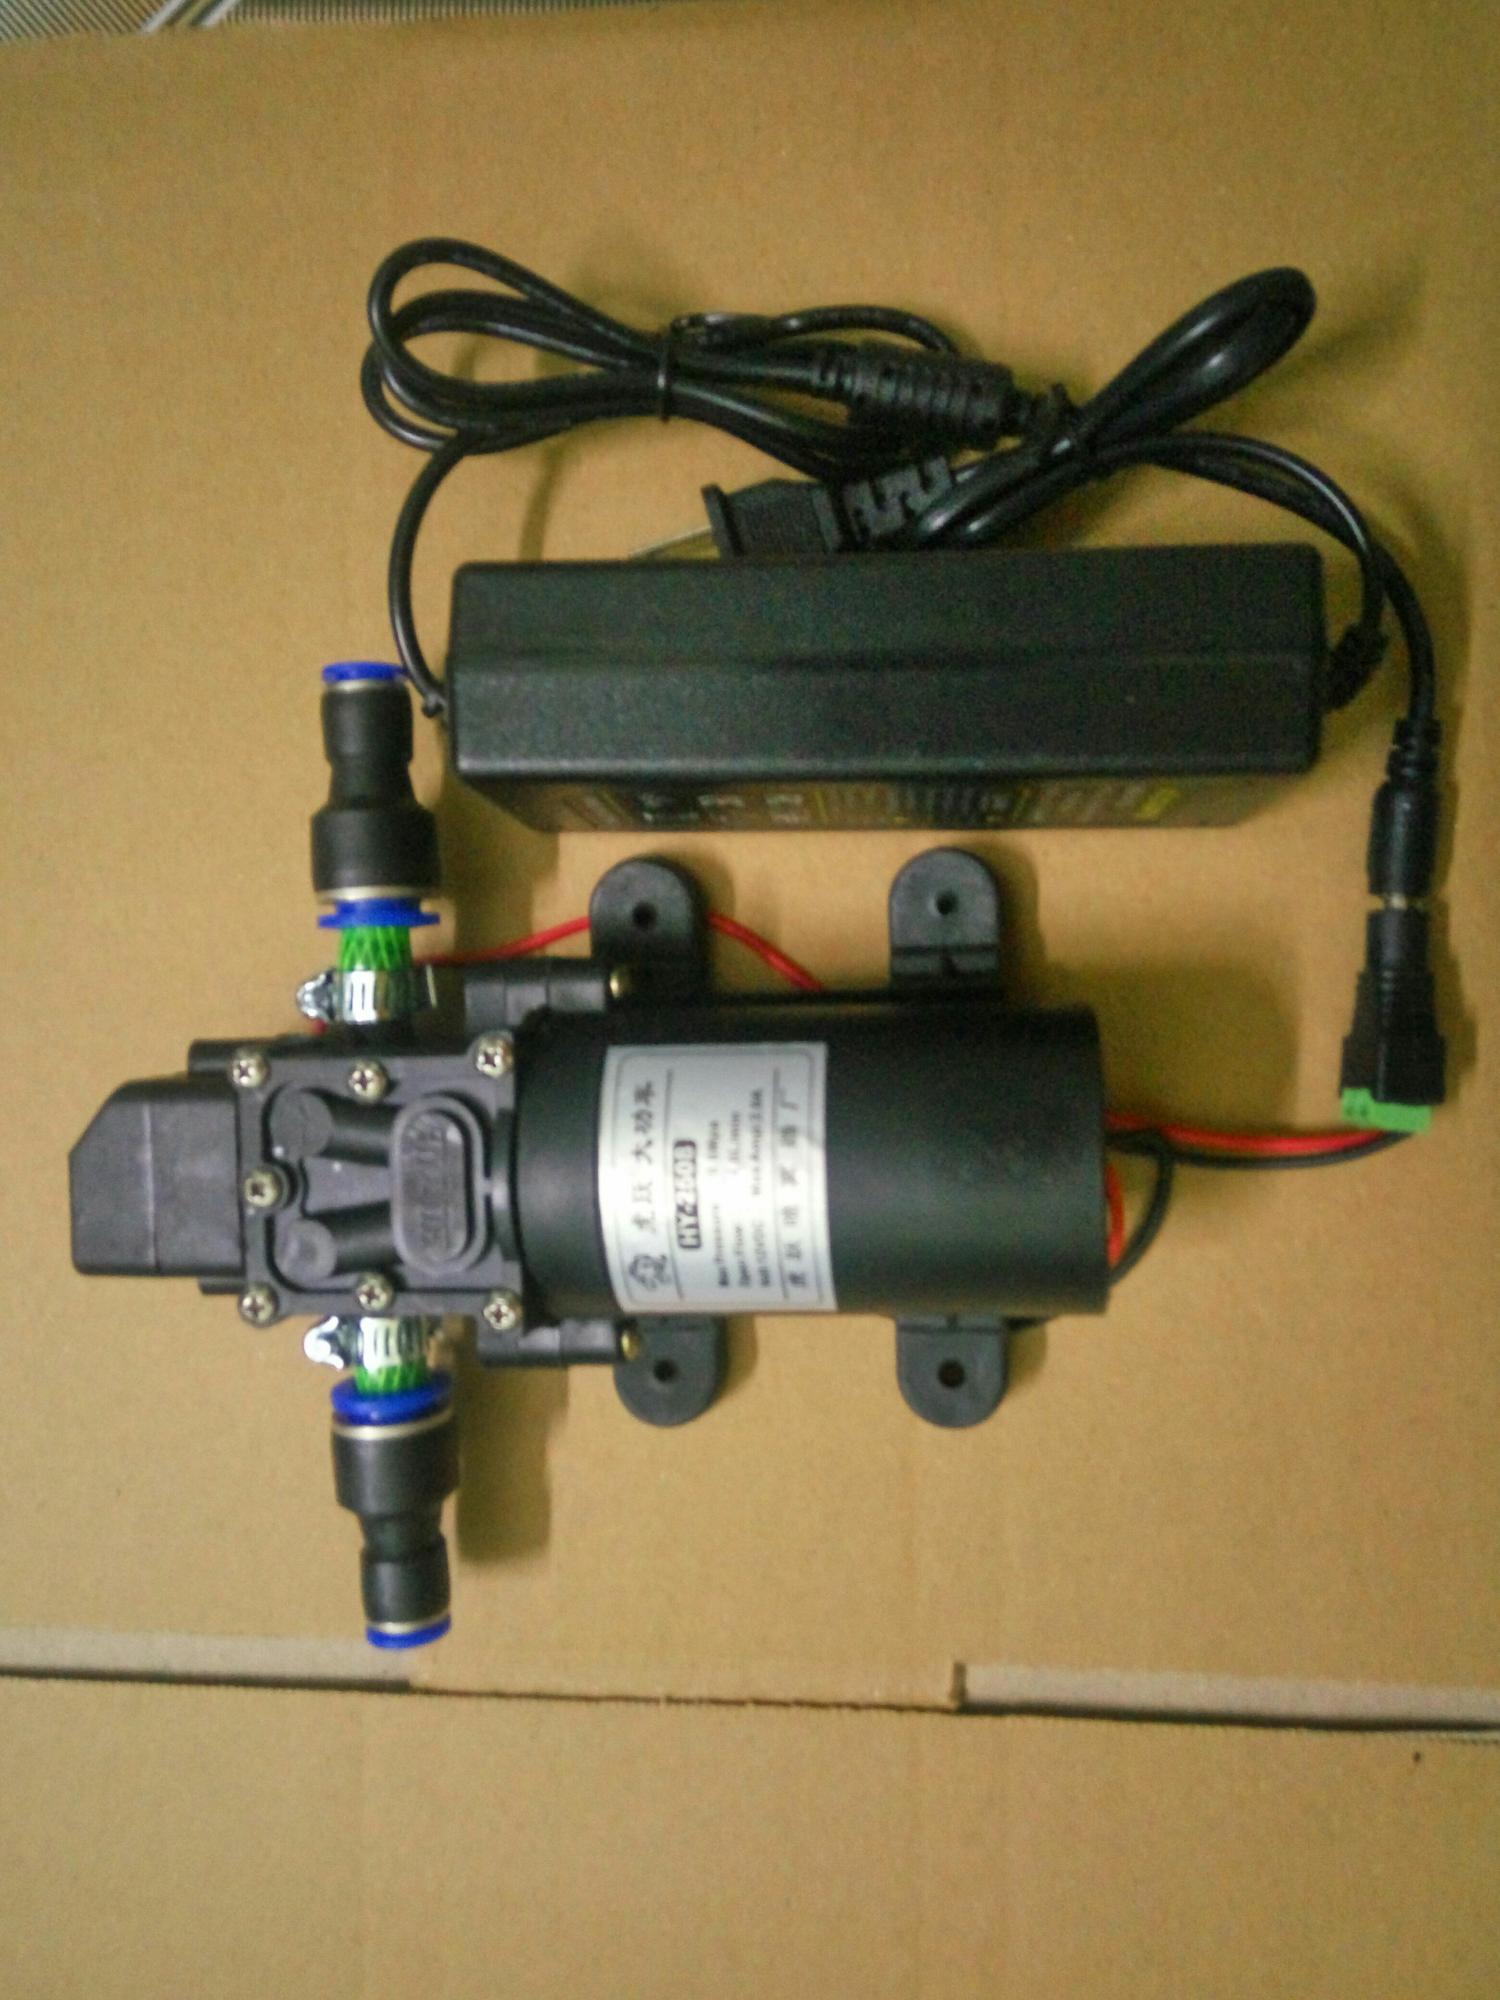 Hình ảnh Bơm mini 12v phun sương tặng kèm adapter 220-12v 60w 4lit/phut có sẵn đầu nối ống phun sương